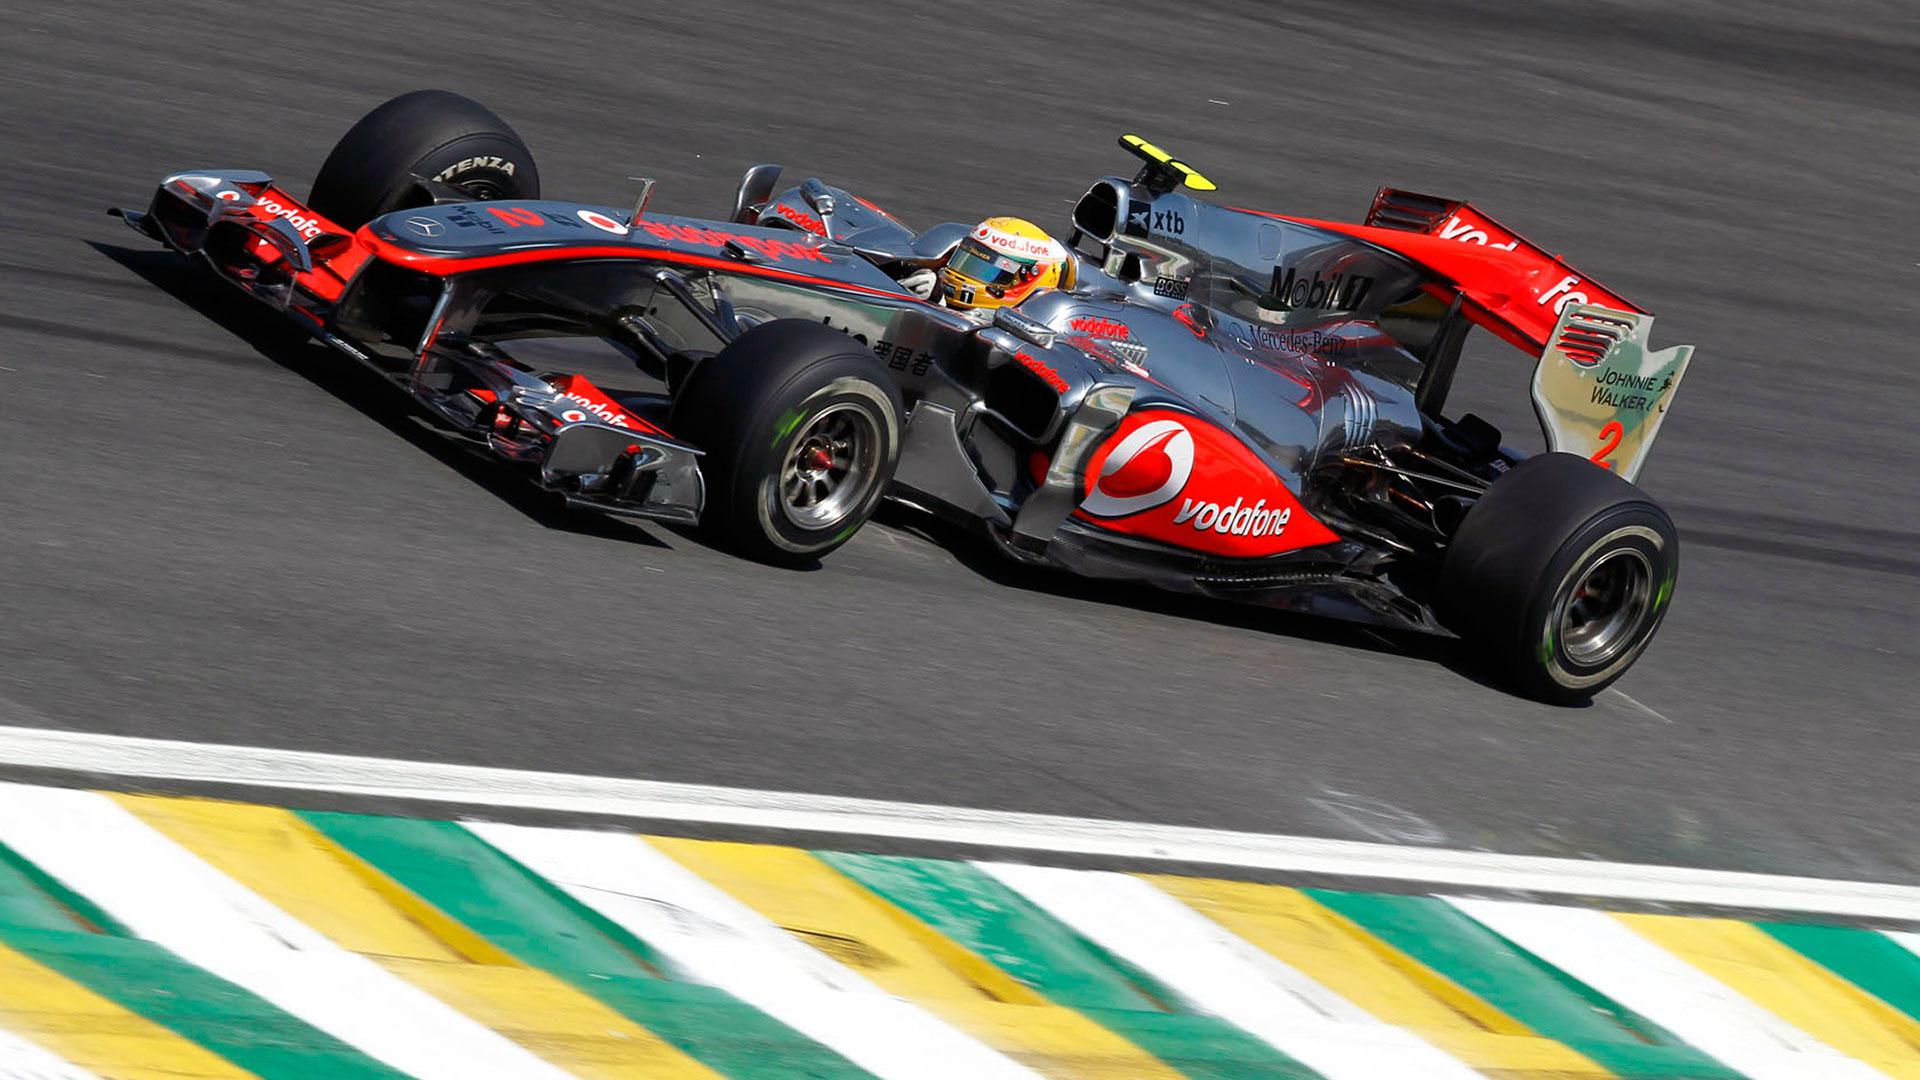 hd wallpapers 2010 formula 1 grand prix of brazil f1 fansite. Black Bedroom Furniture Sets. Home Design Ideas